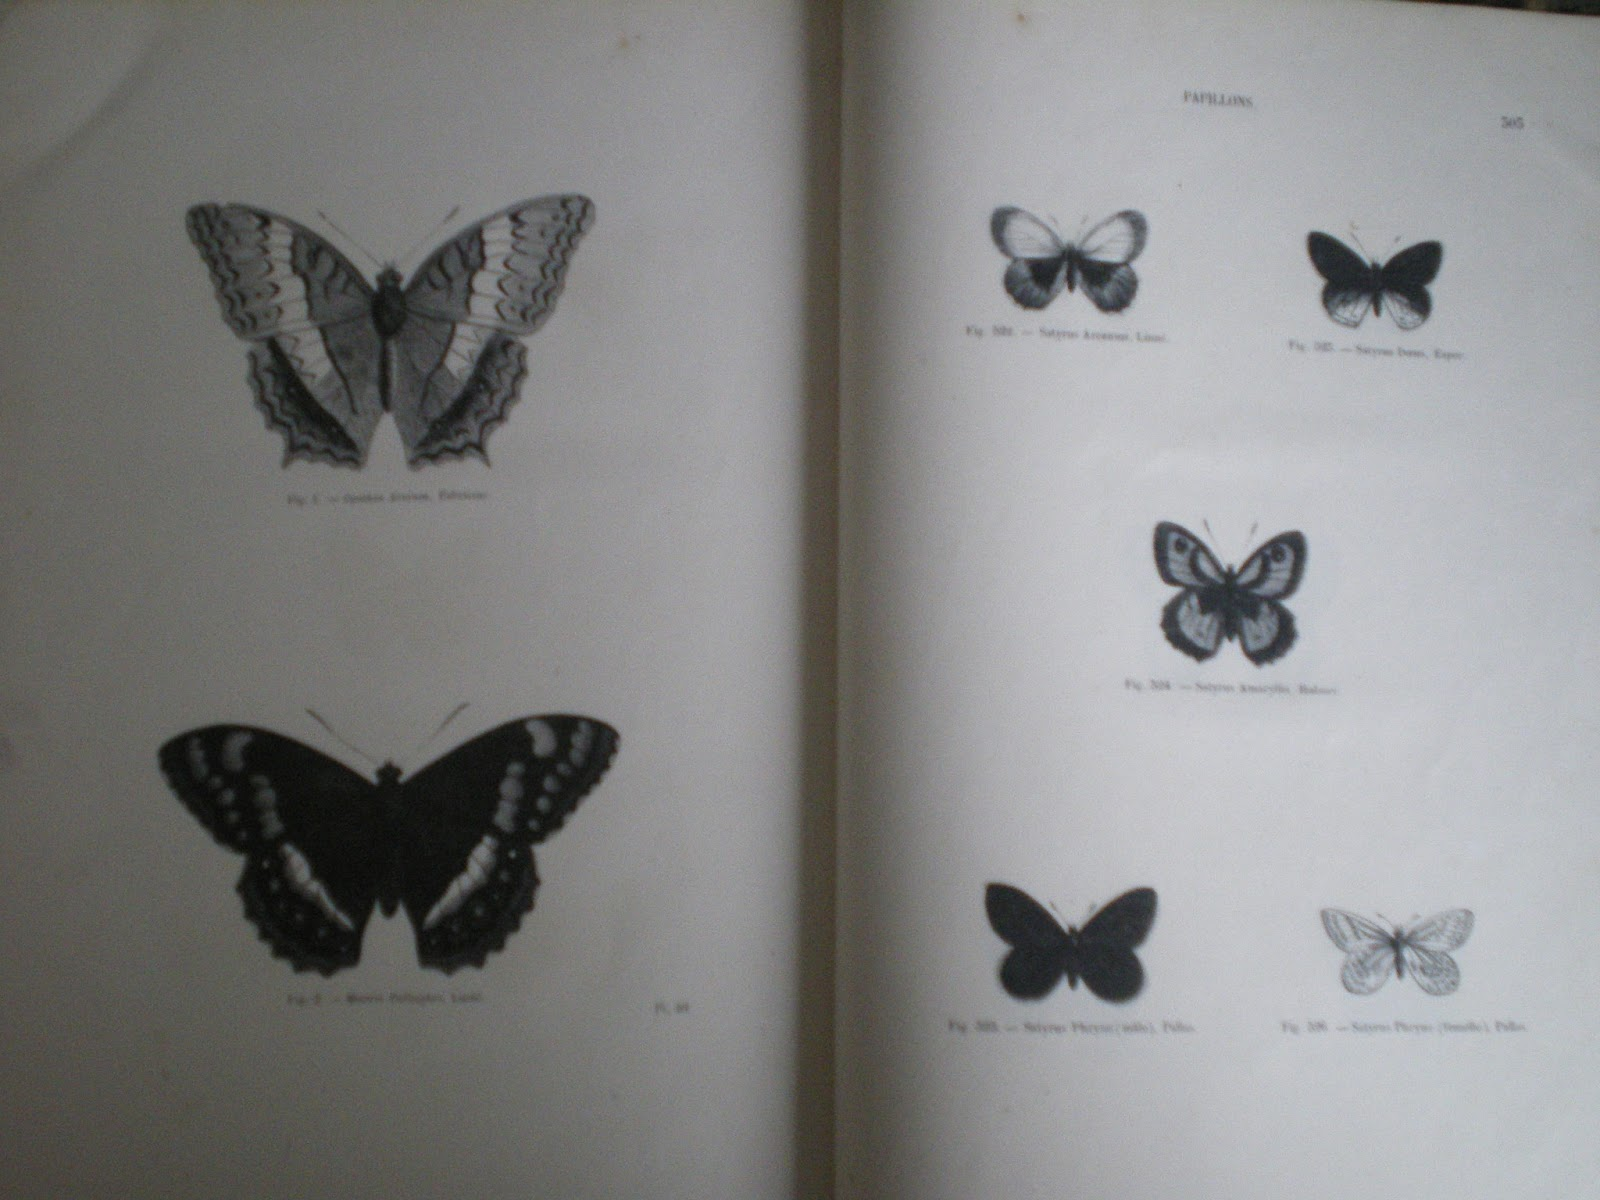 librairie ancienne florence velk lorient docteur chenu m h lucas encyclop die d. Black Bedroom Furniture Sets. Home Design Ideas